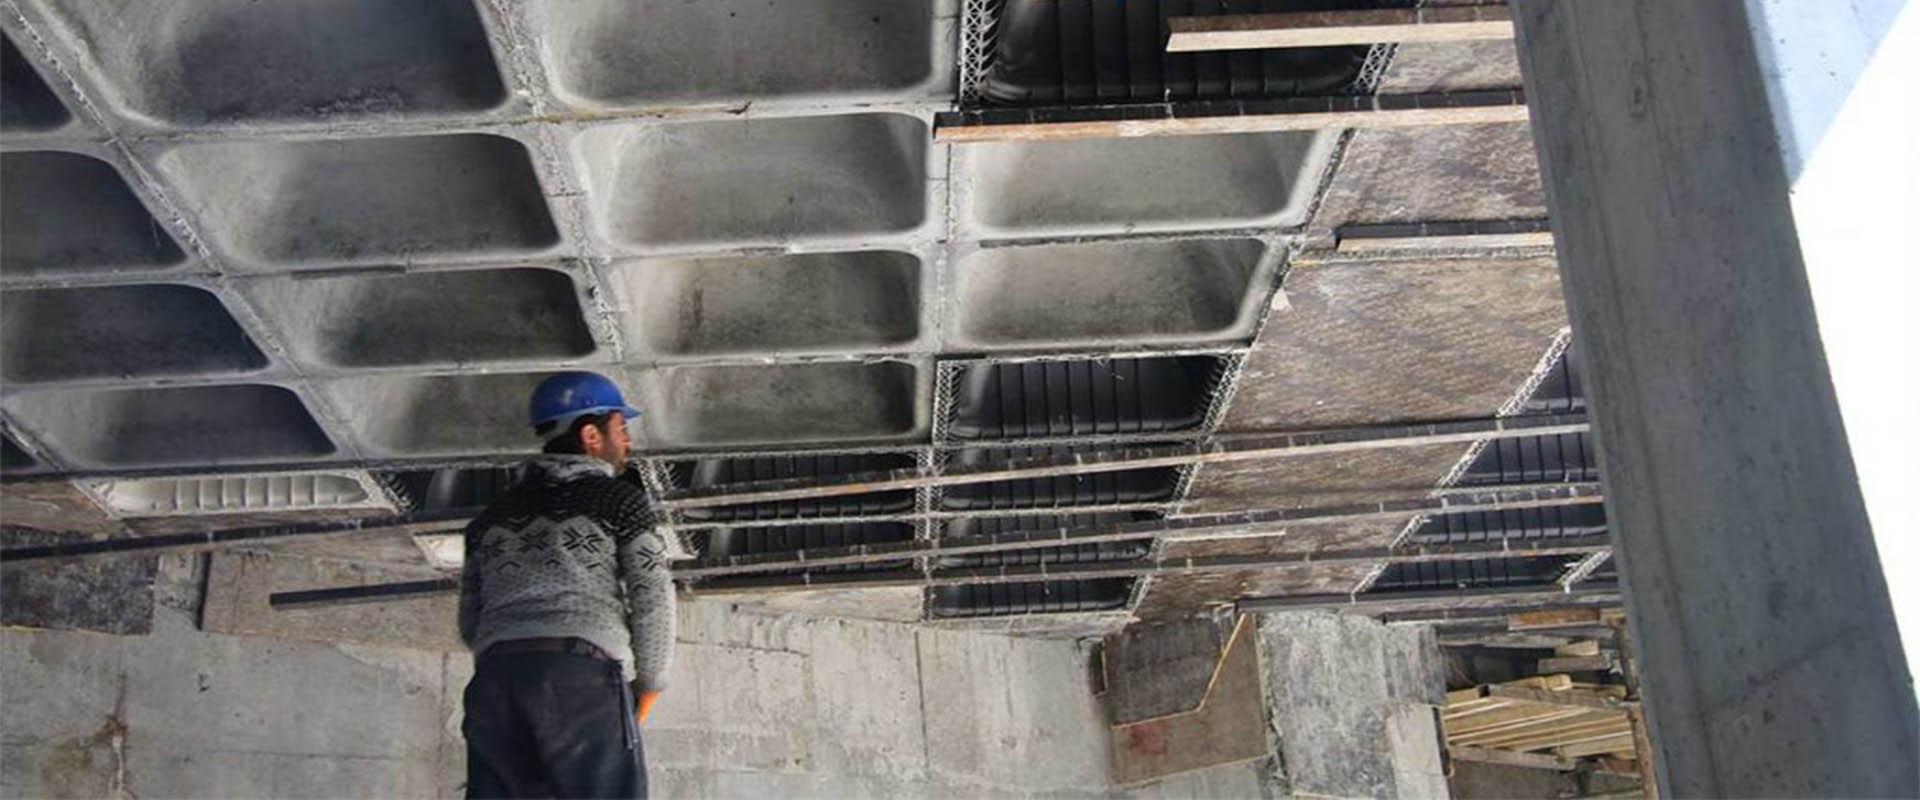 لزوم استفاده از سقف وافل برای اسکلت بتنی در ایران